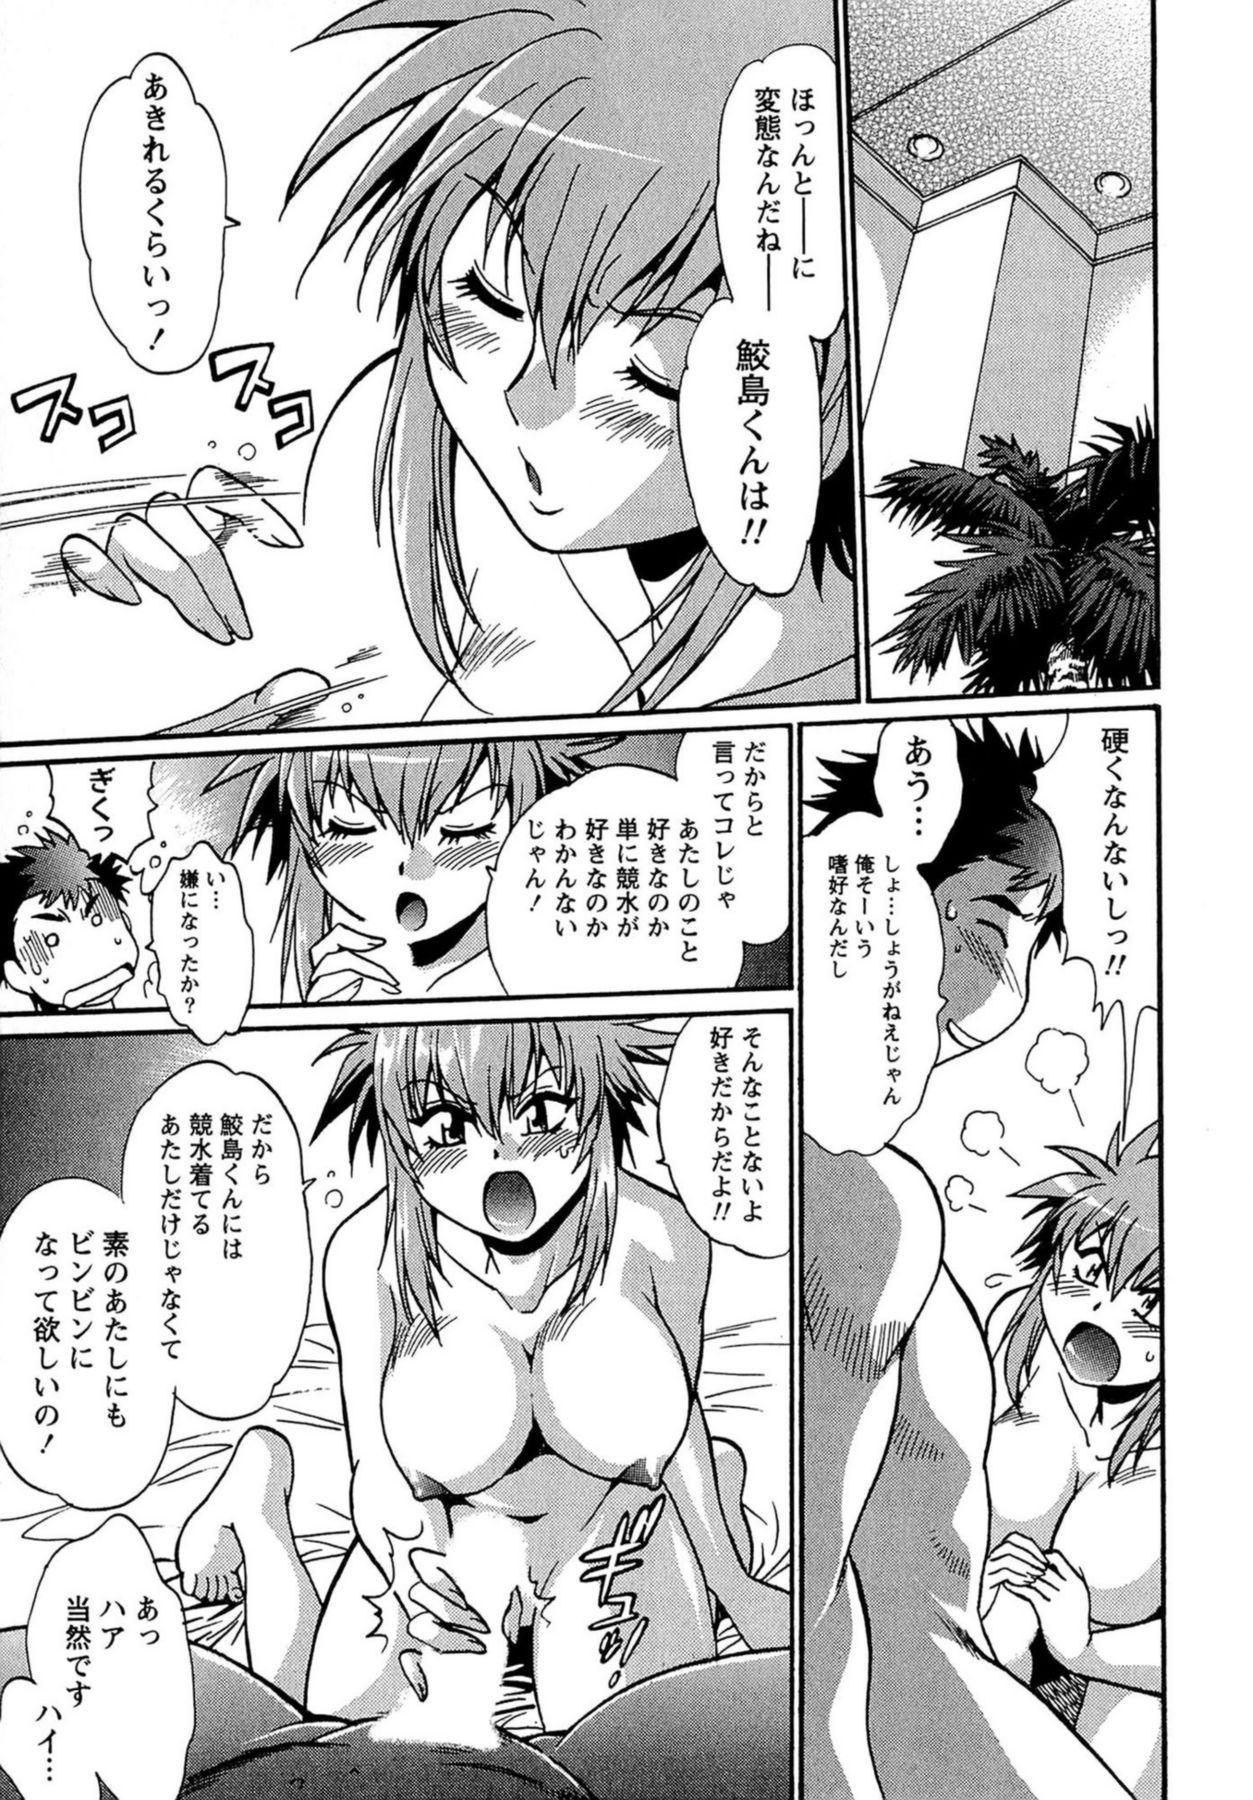 Kuikomi wo Naoshiteru Hima wa Nai! Vol. 1 207